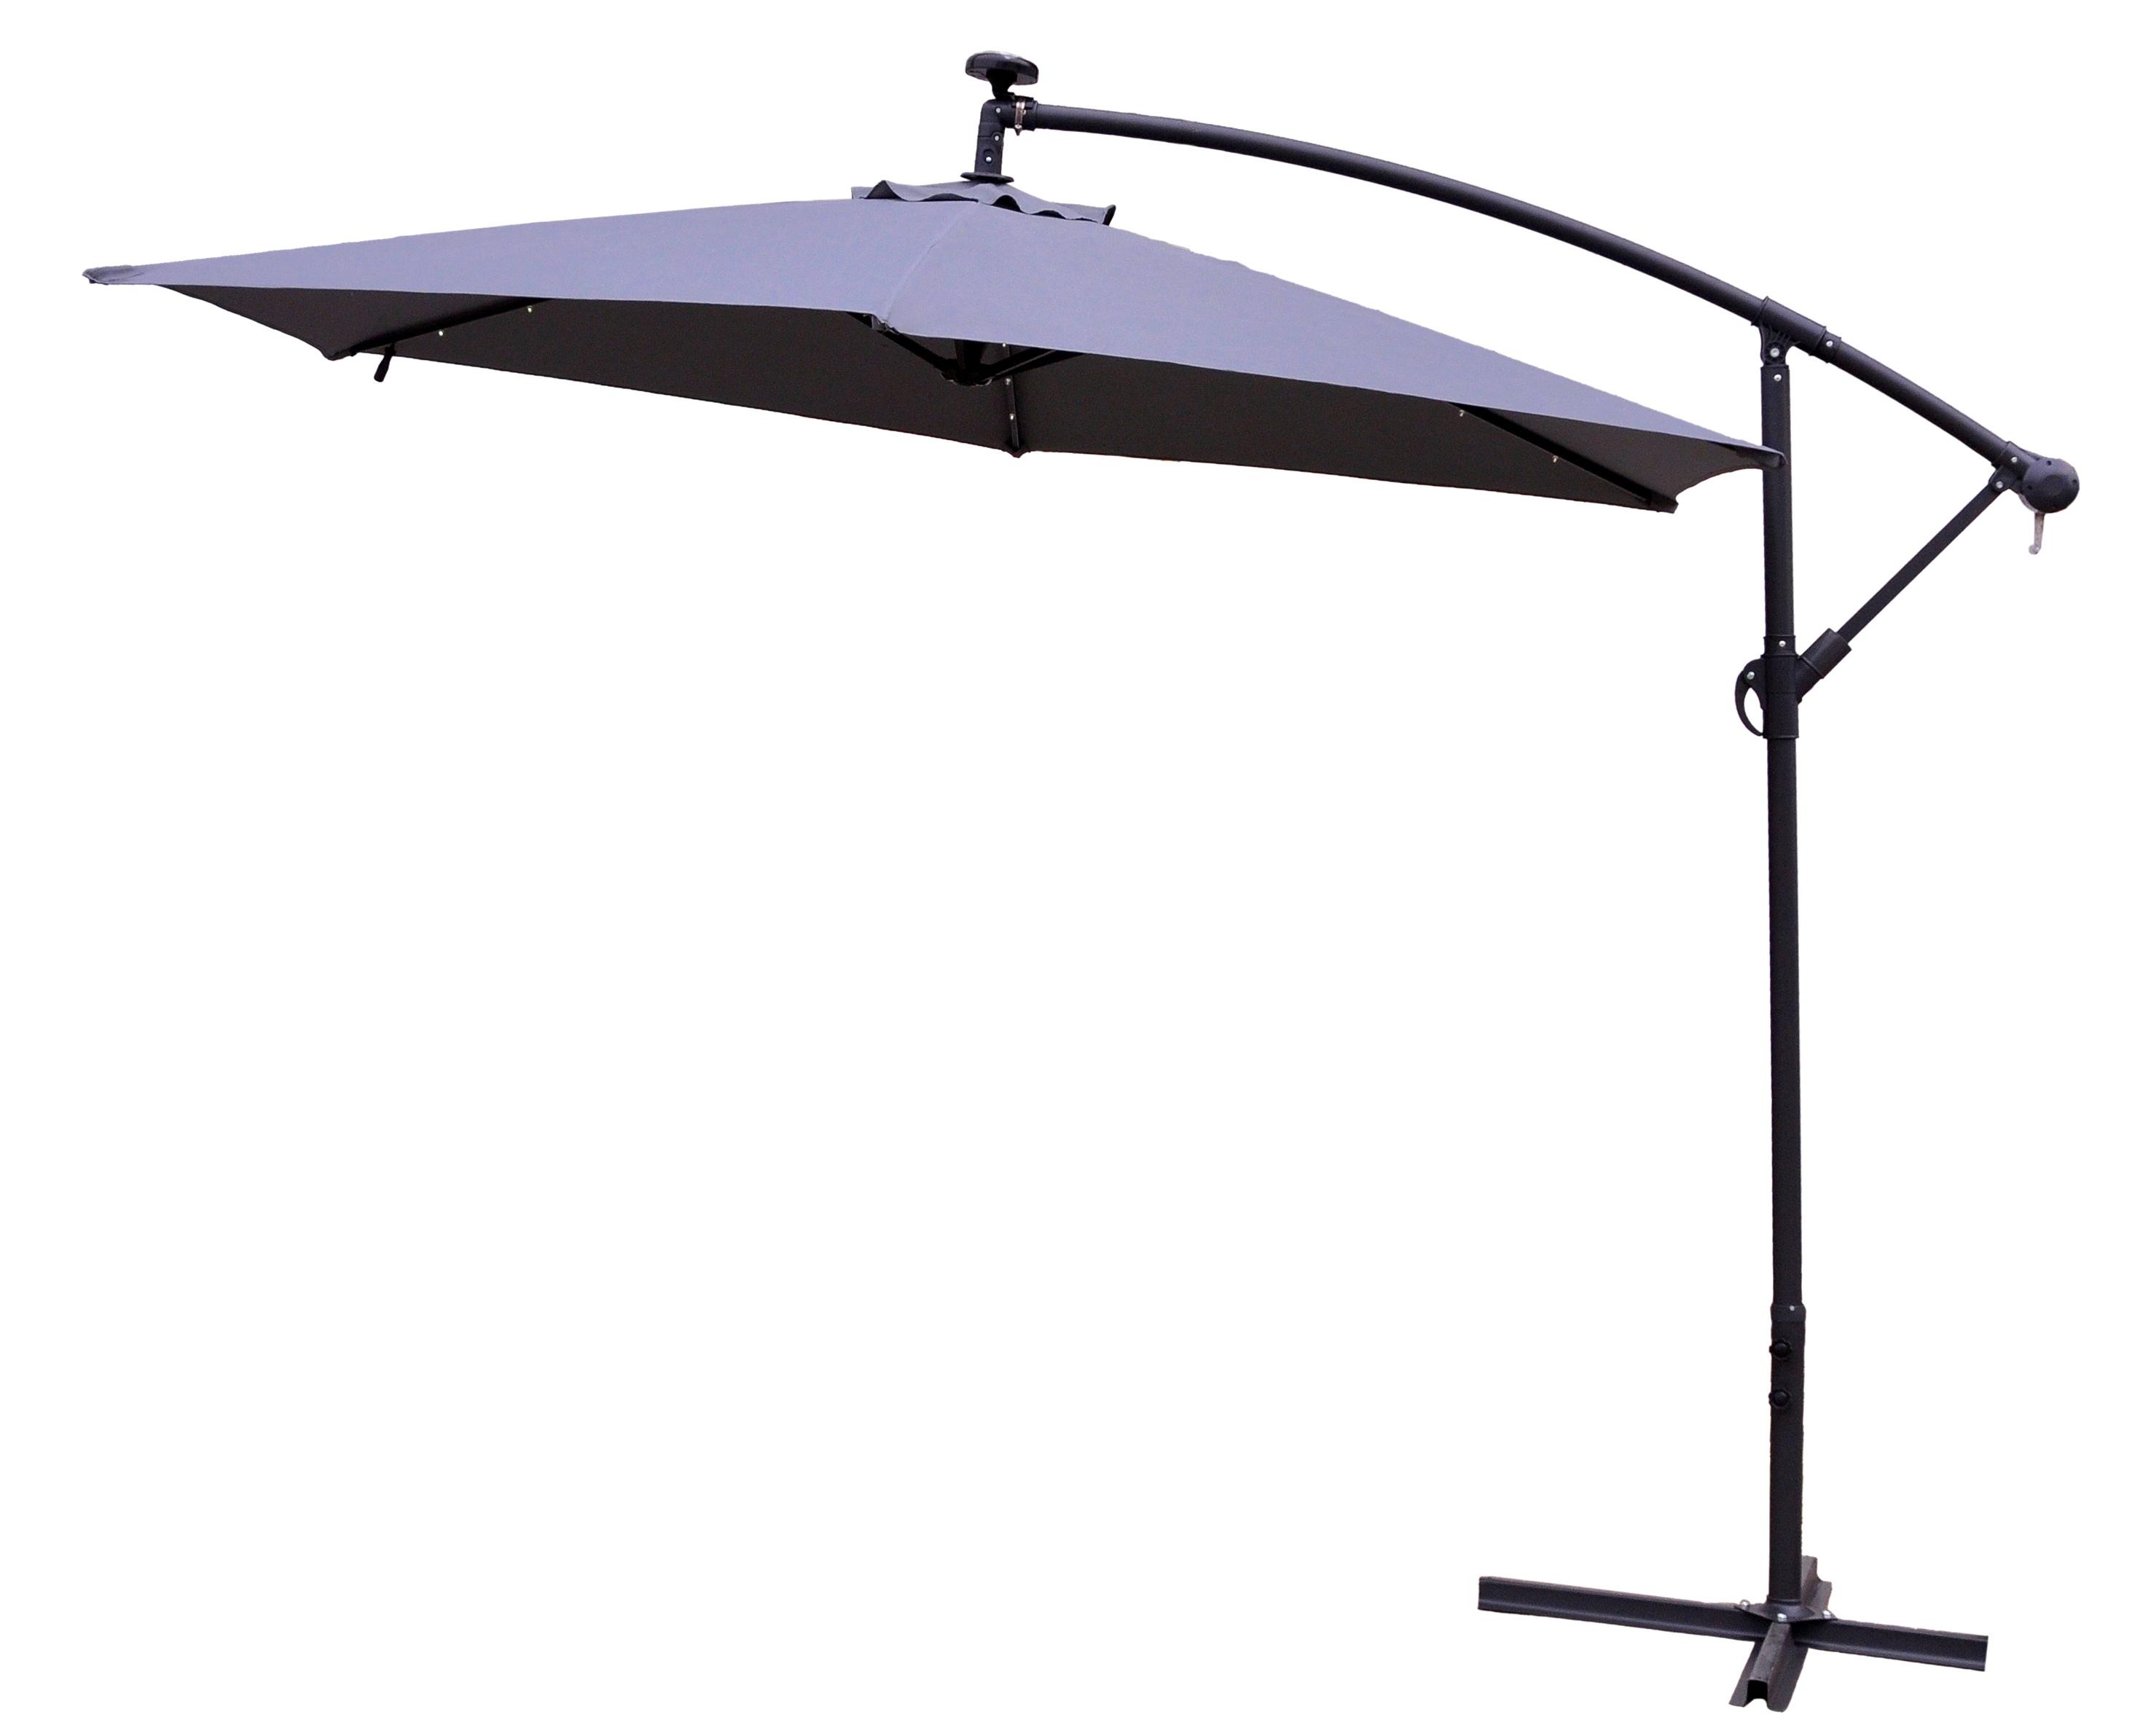 Aga Zahradní slunečník EXCLUSIV LED 300 cm Dark Grey